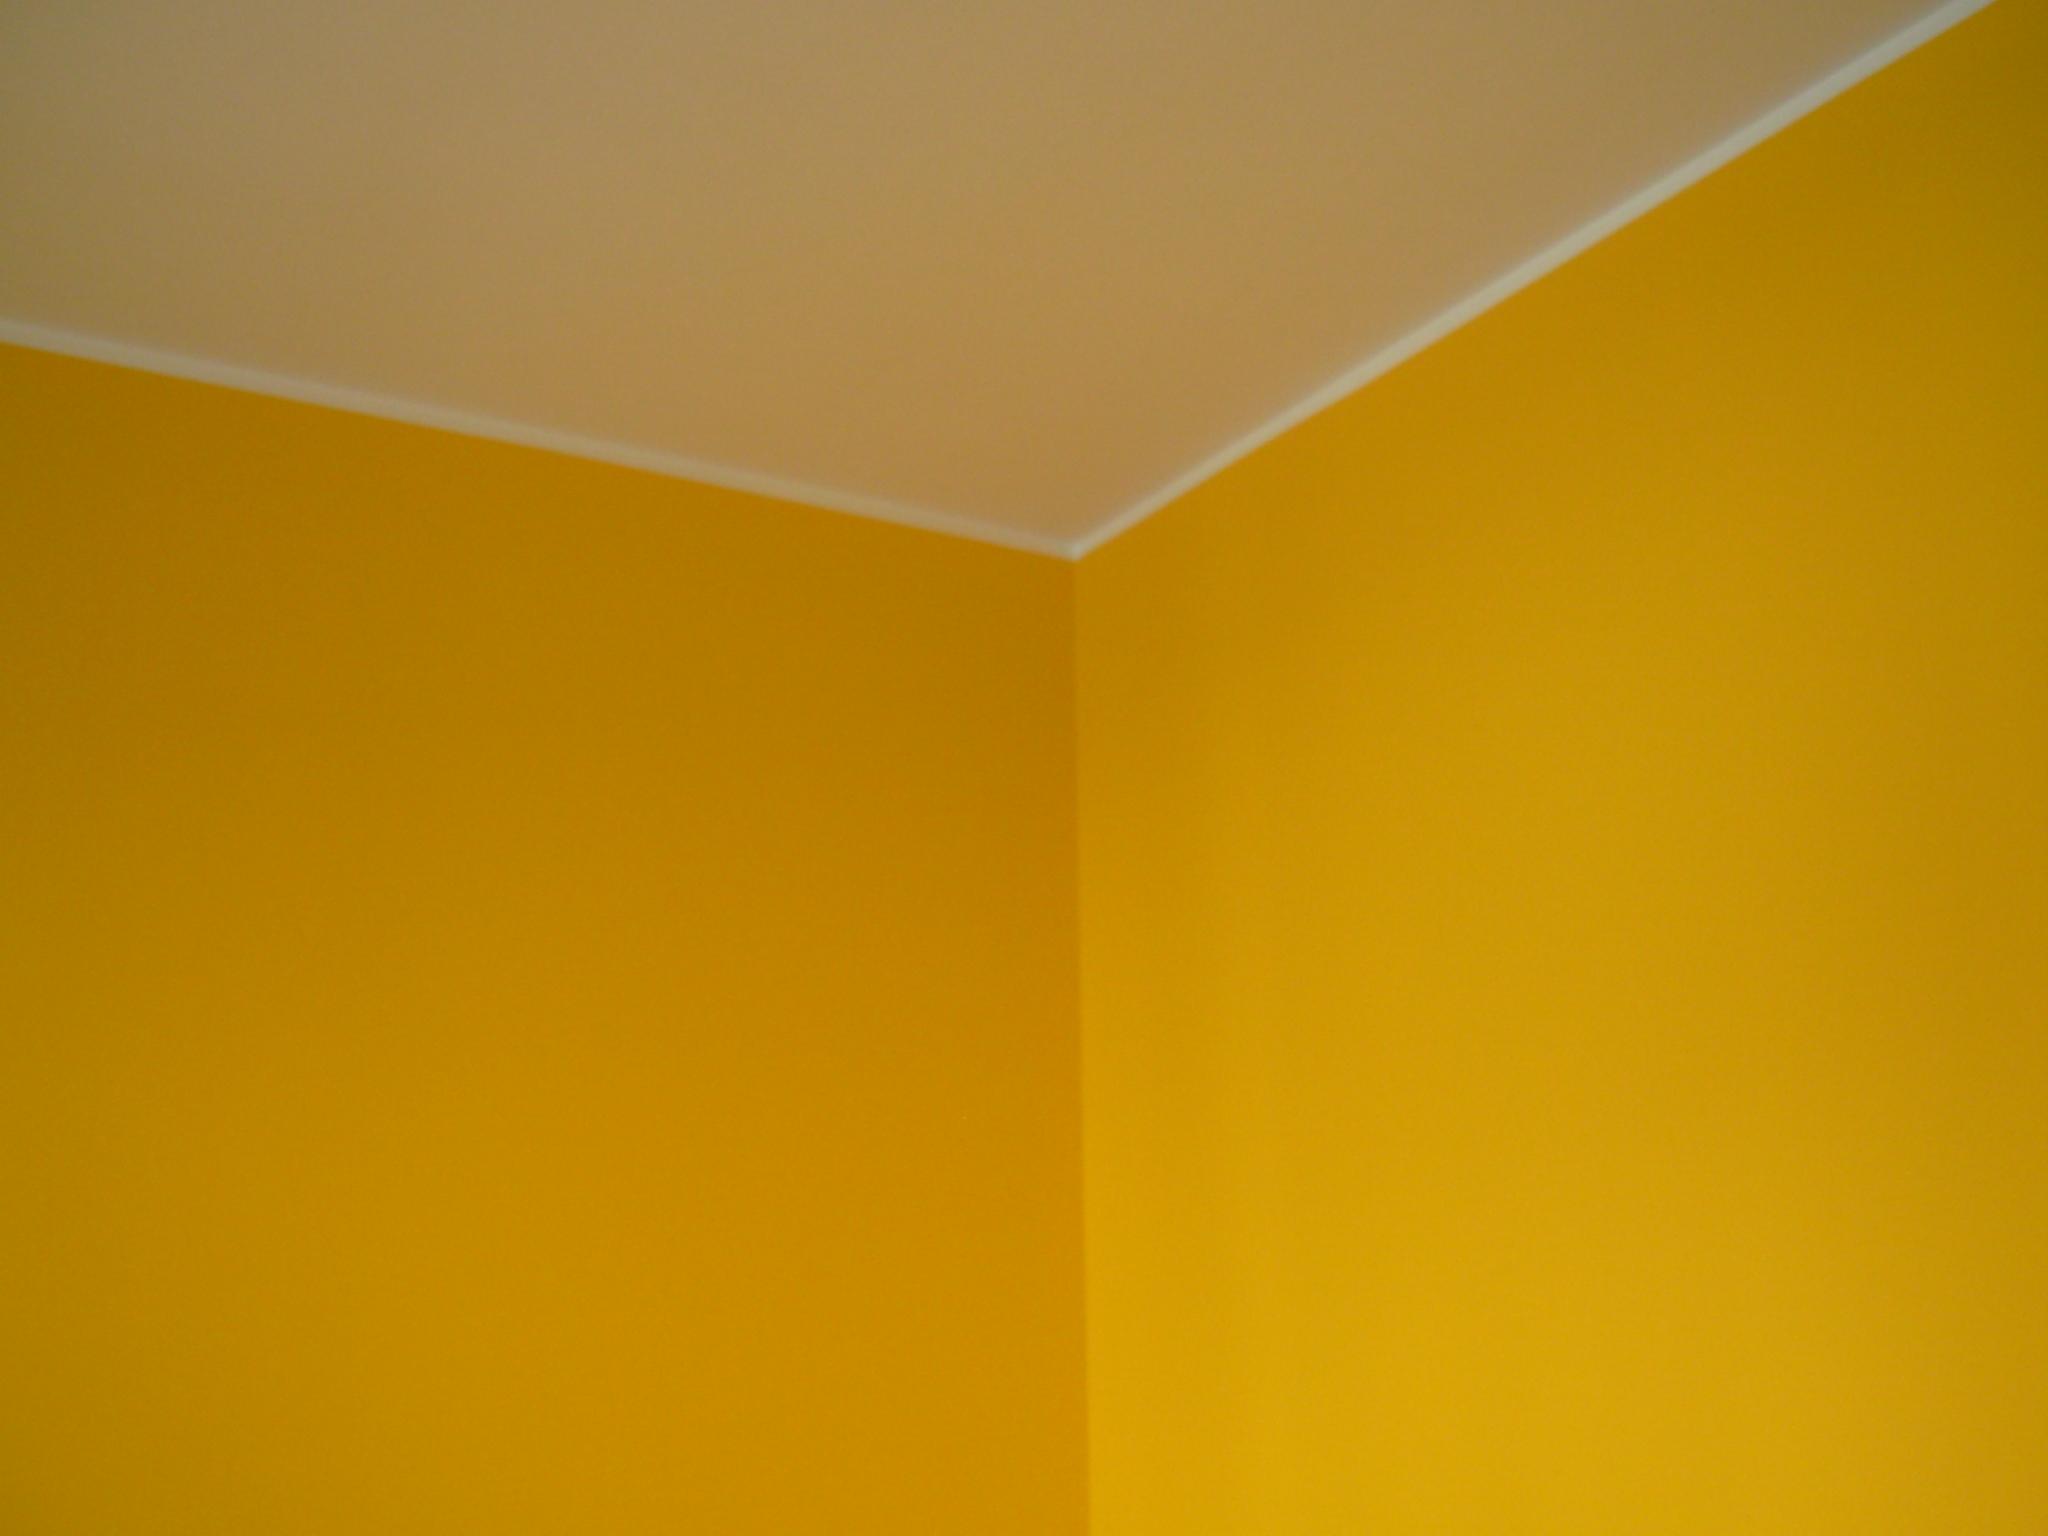 Pittura per interni lavabile confortevole soggiorno for Pittura per interni colori